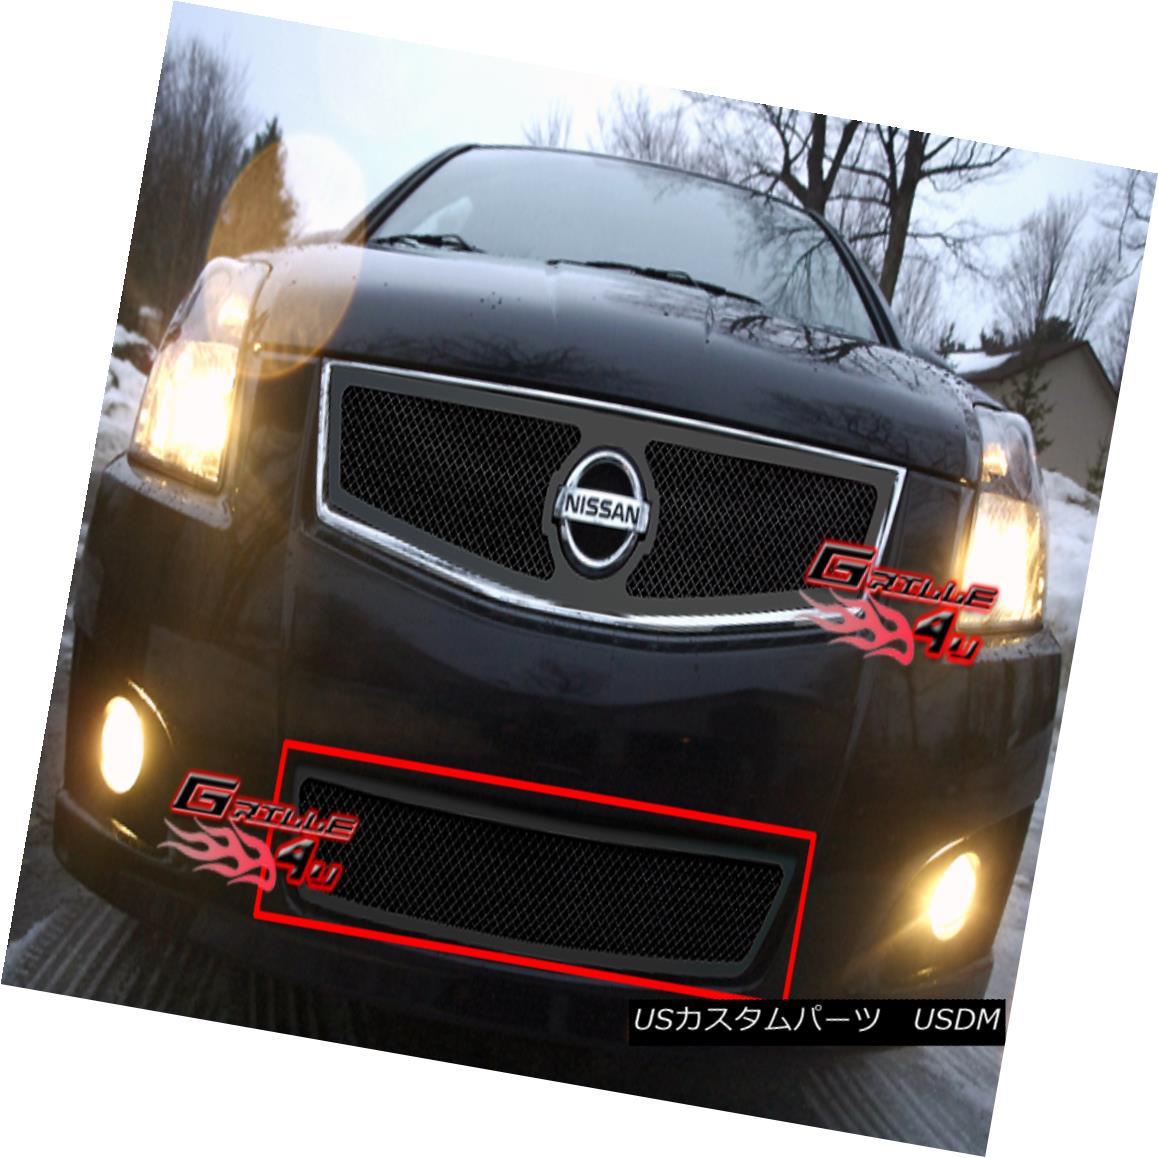 グリル Fits 2007-2010 Nissan Sentra SE-R Bumper Black Mesh Grille フィット2007-2010日産セントラSE-Rバンパー黒メッシュグリル